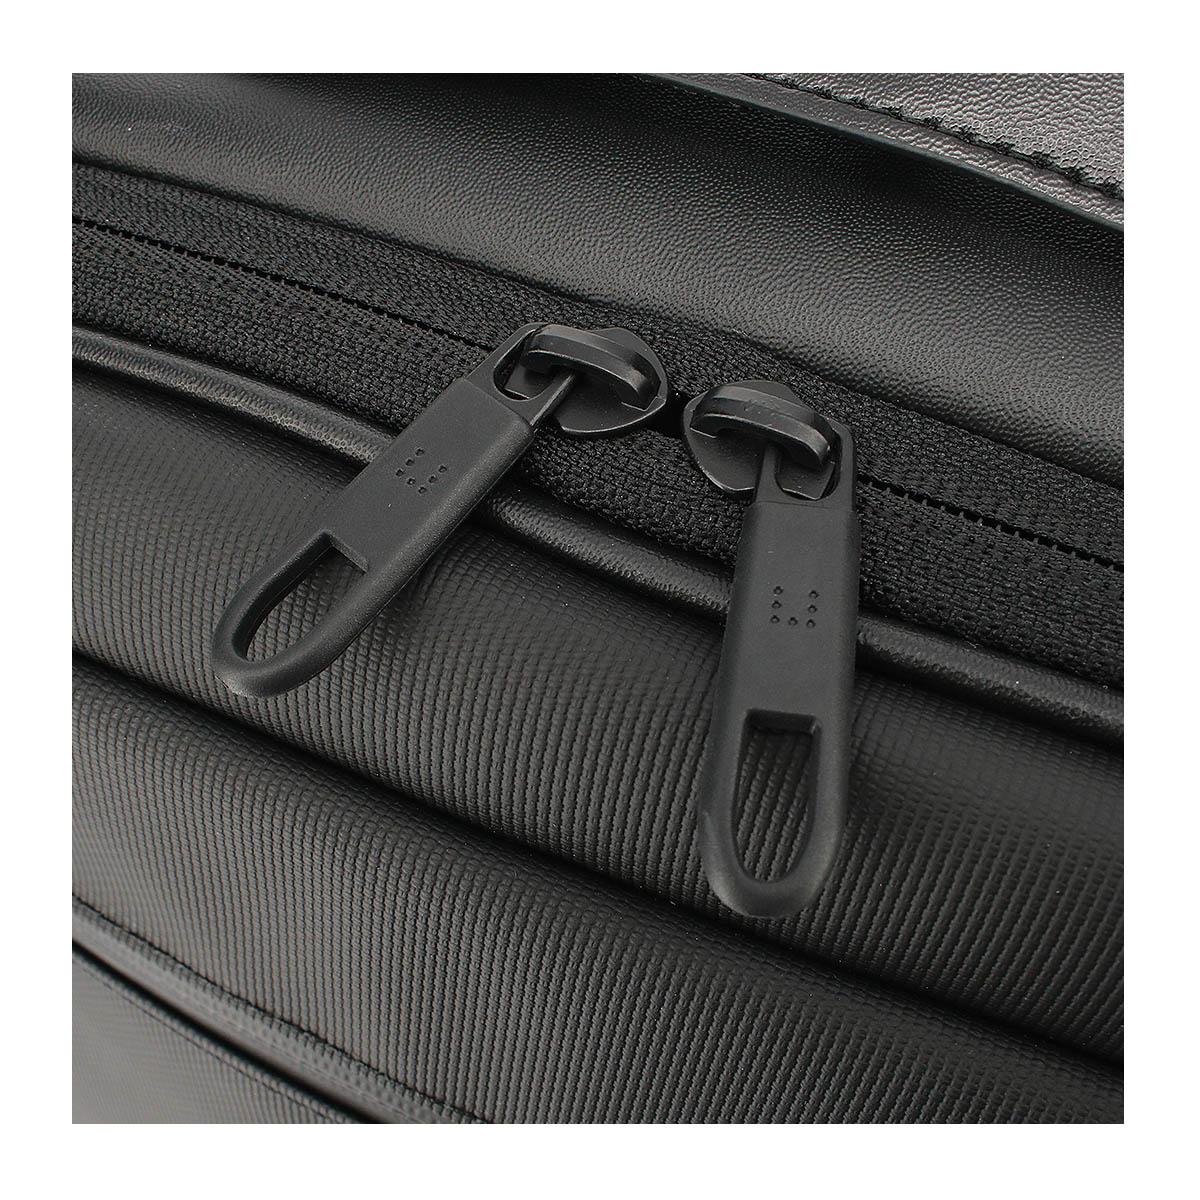 5db520a4d54 背面には吸水・速乾に優れた(aerocool)を採用し通気性が良く、排熱効果もあり、ストレスフリーなビジネスバッグです。